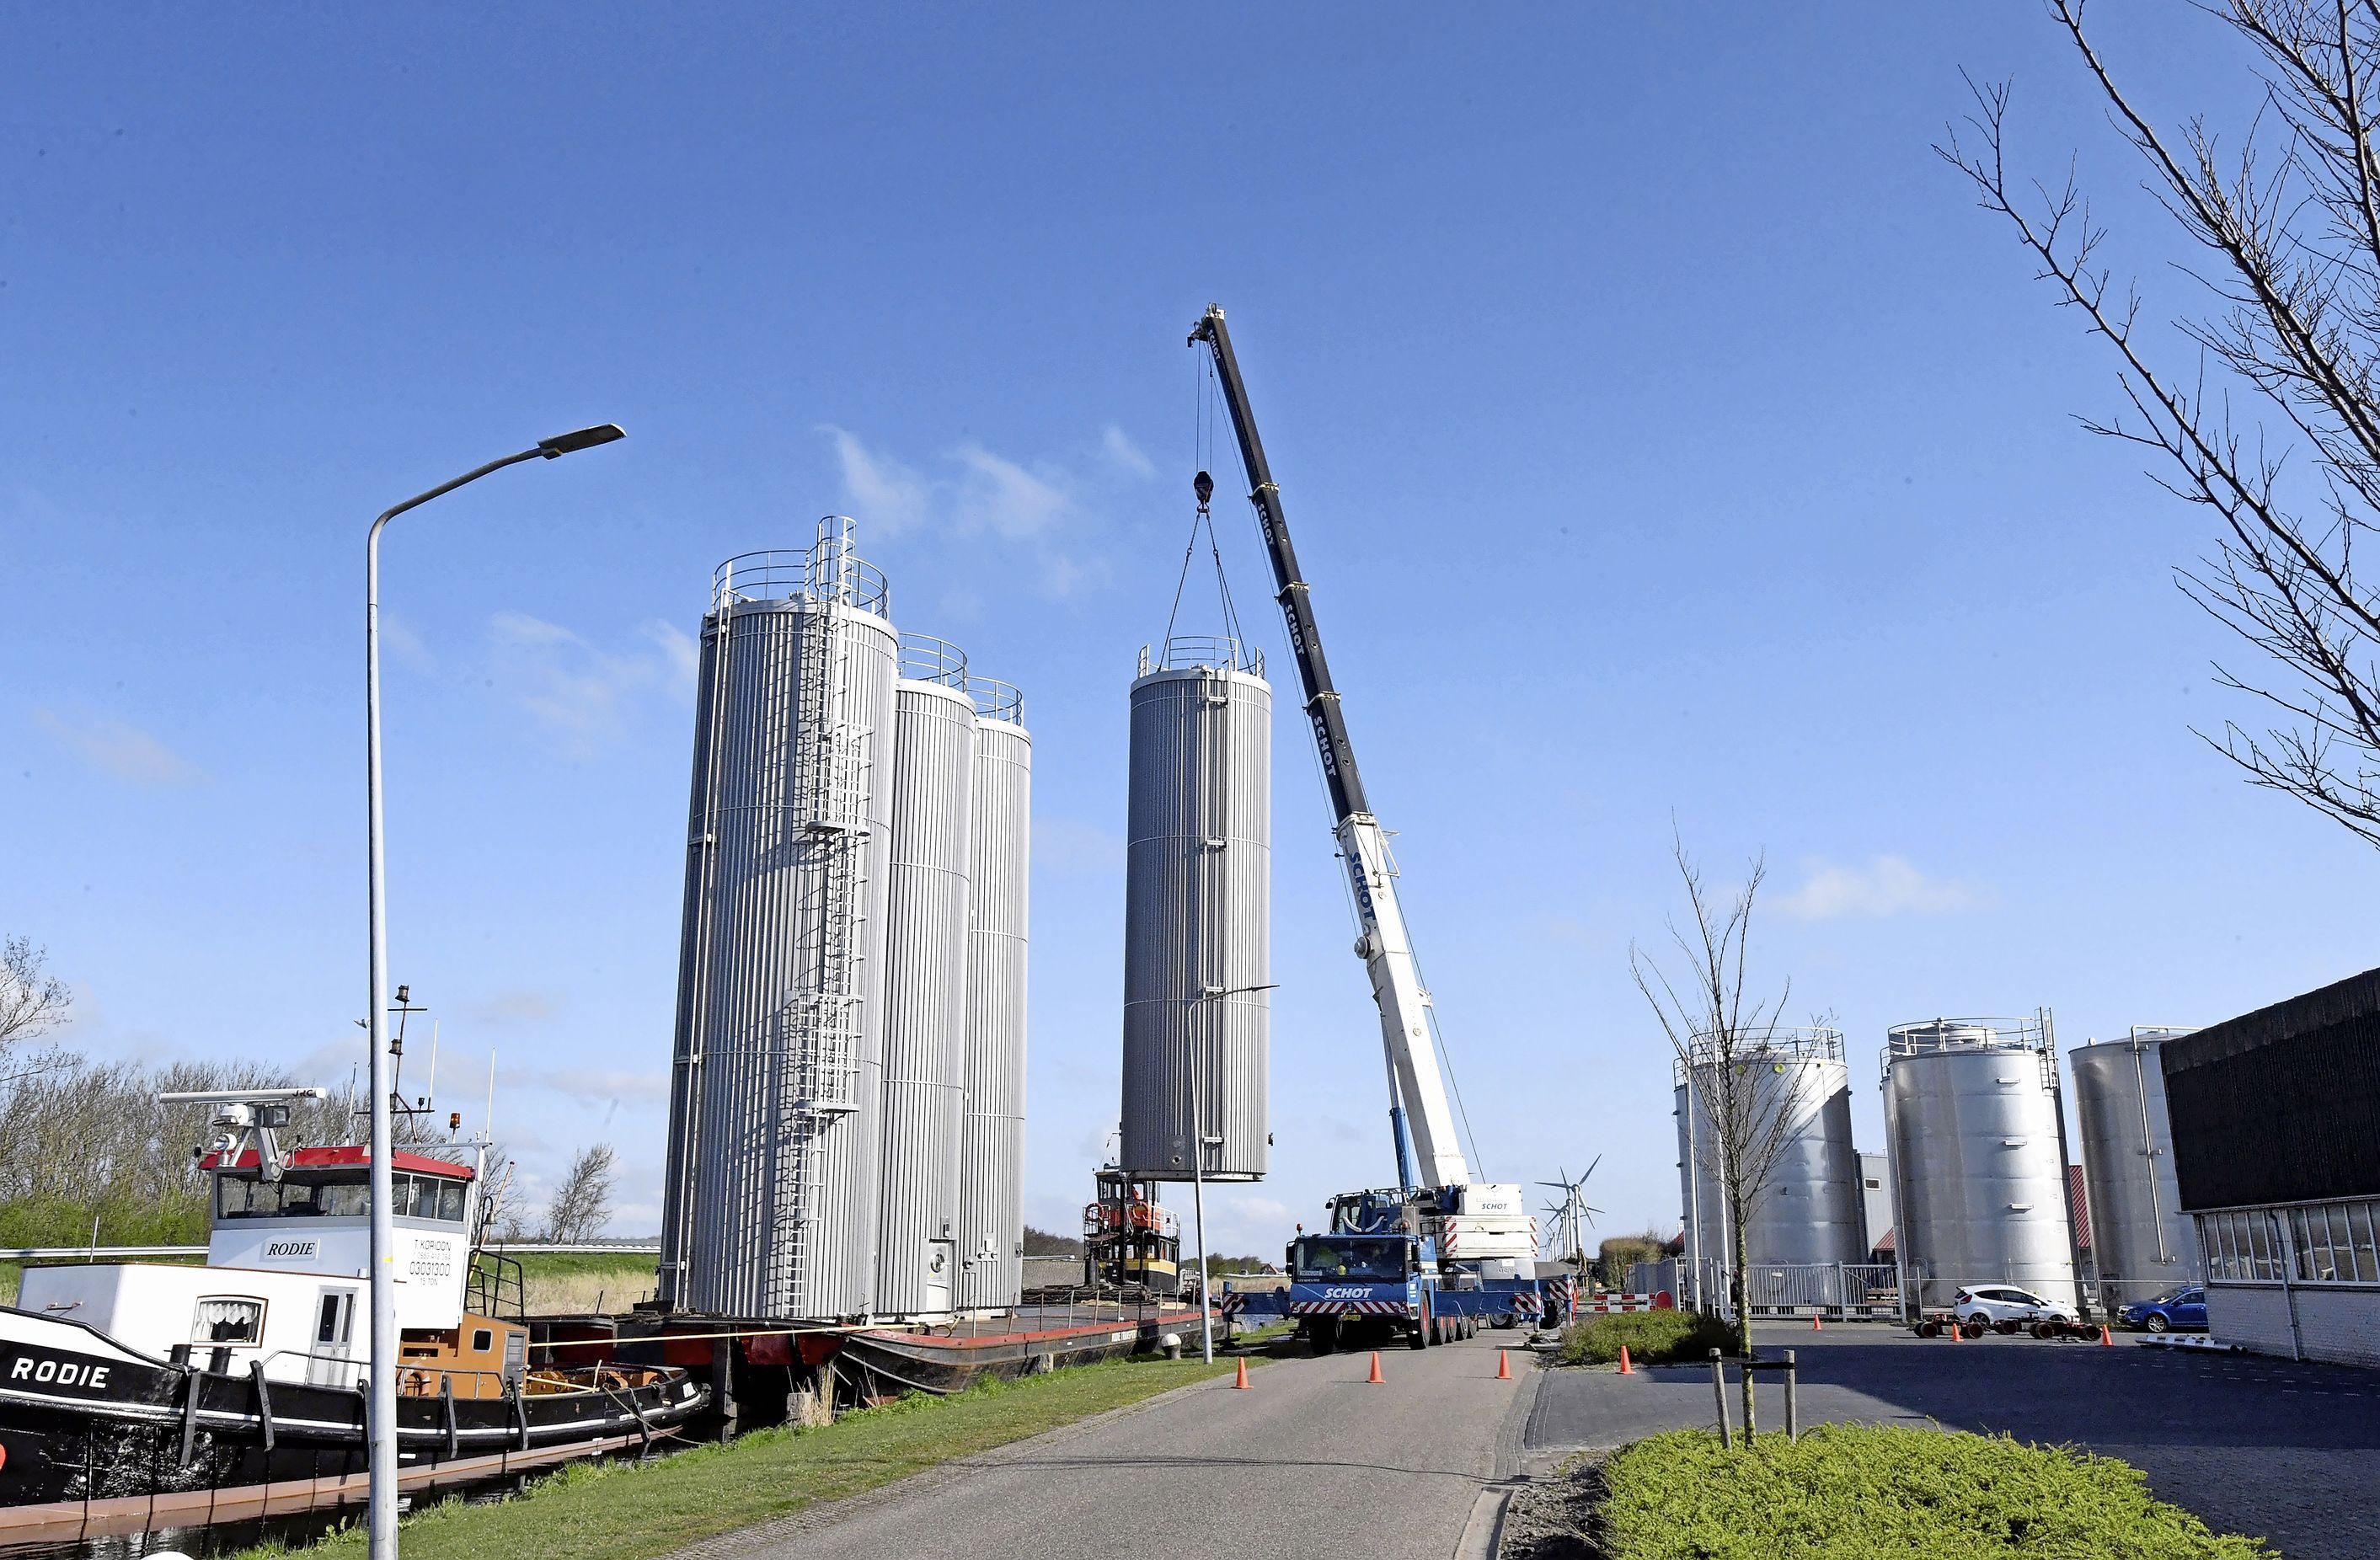 Kat achter kat gaan silo's vanuit 't Zand op transport na een zes weken durende stremming van de Coenbrug